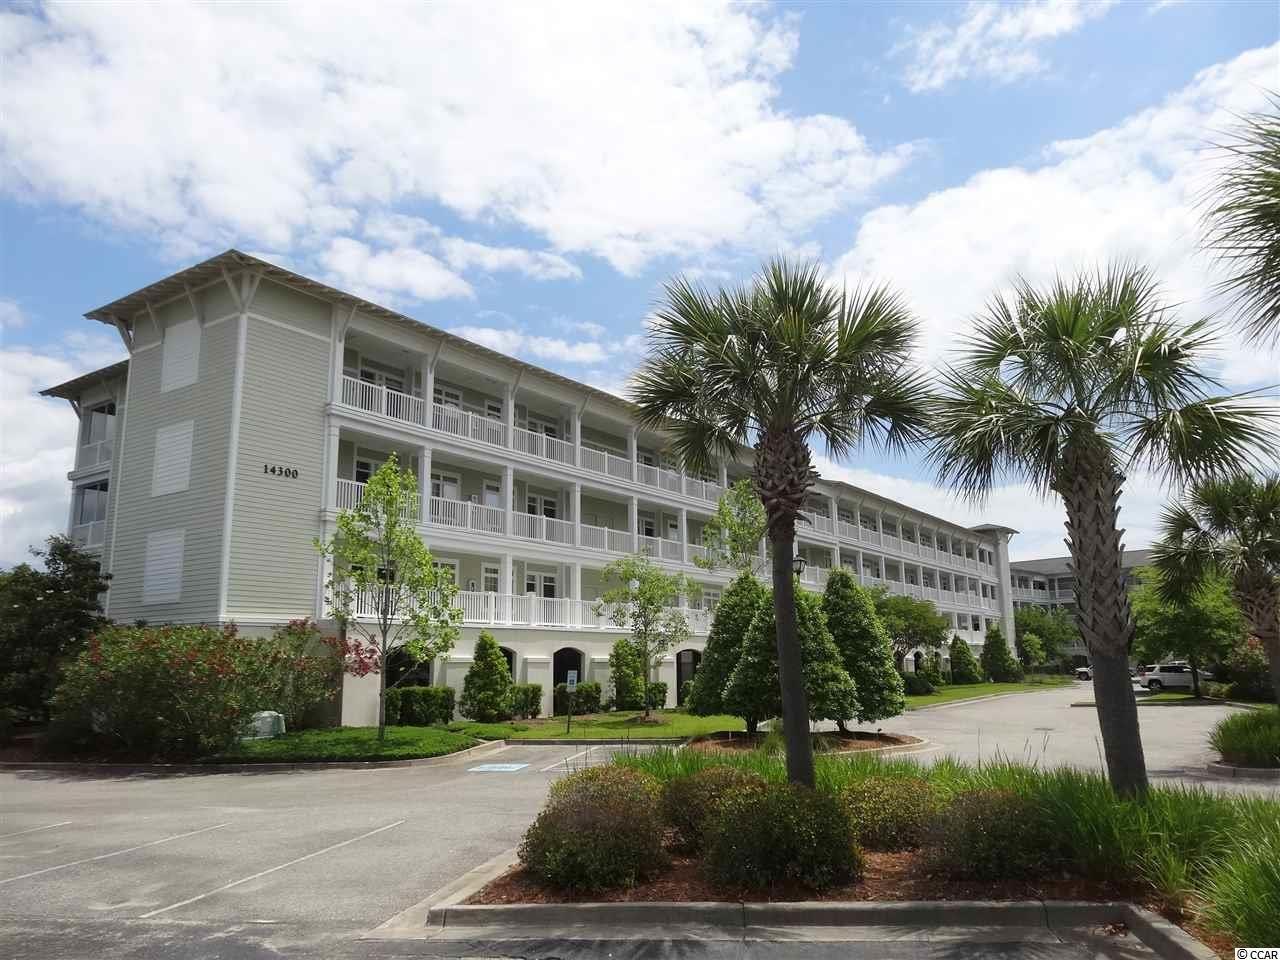 Seaside Inn Litchfield Area Properties For Sale